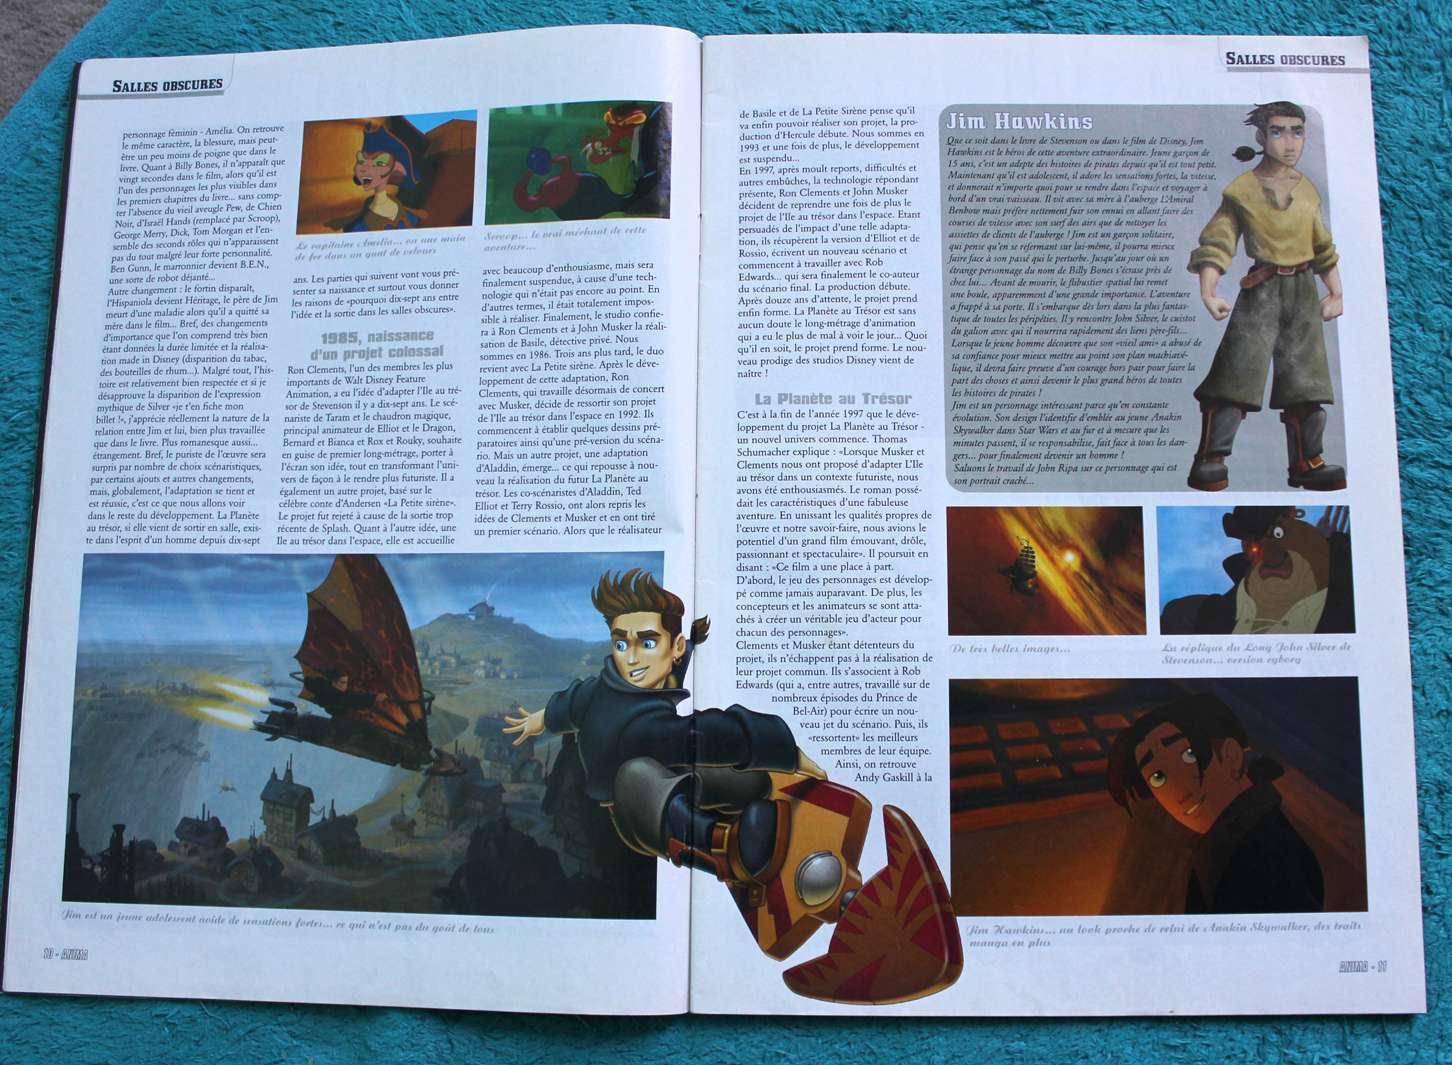 La Planète au Trésor - Un Nouvel Univers [Walt Disney - 2002] - Page 9 Img_5013